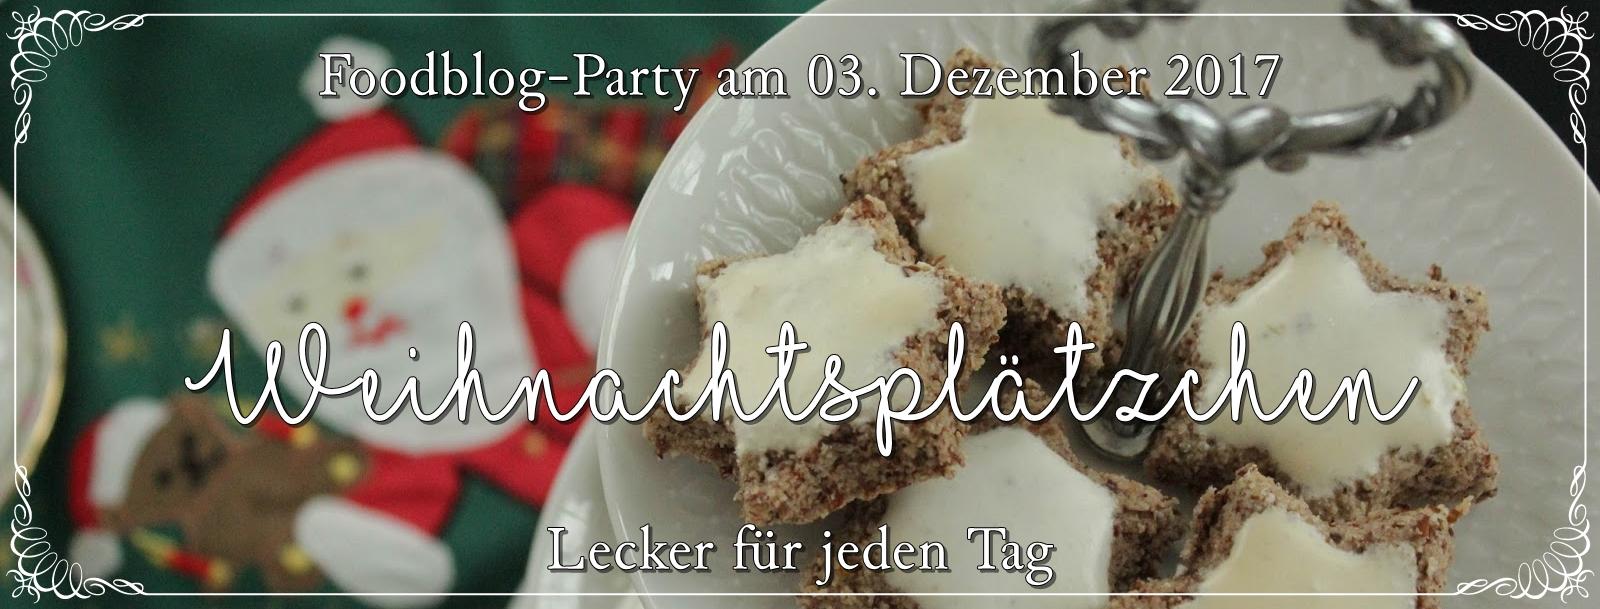 Foodlbogparty - Plaetzchenrezepte